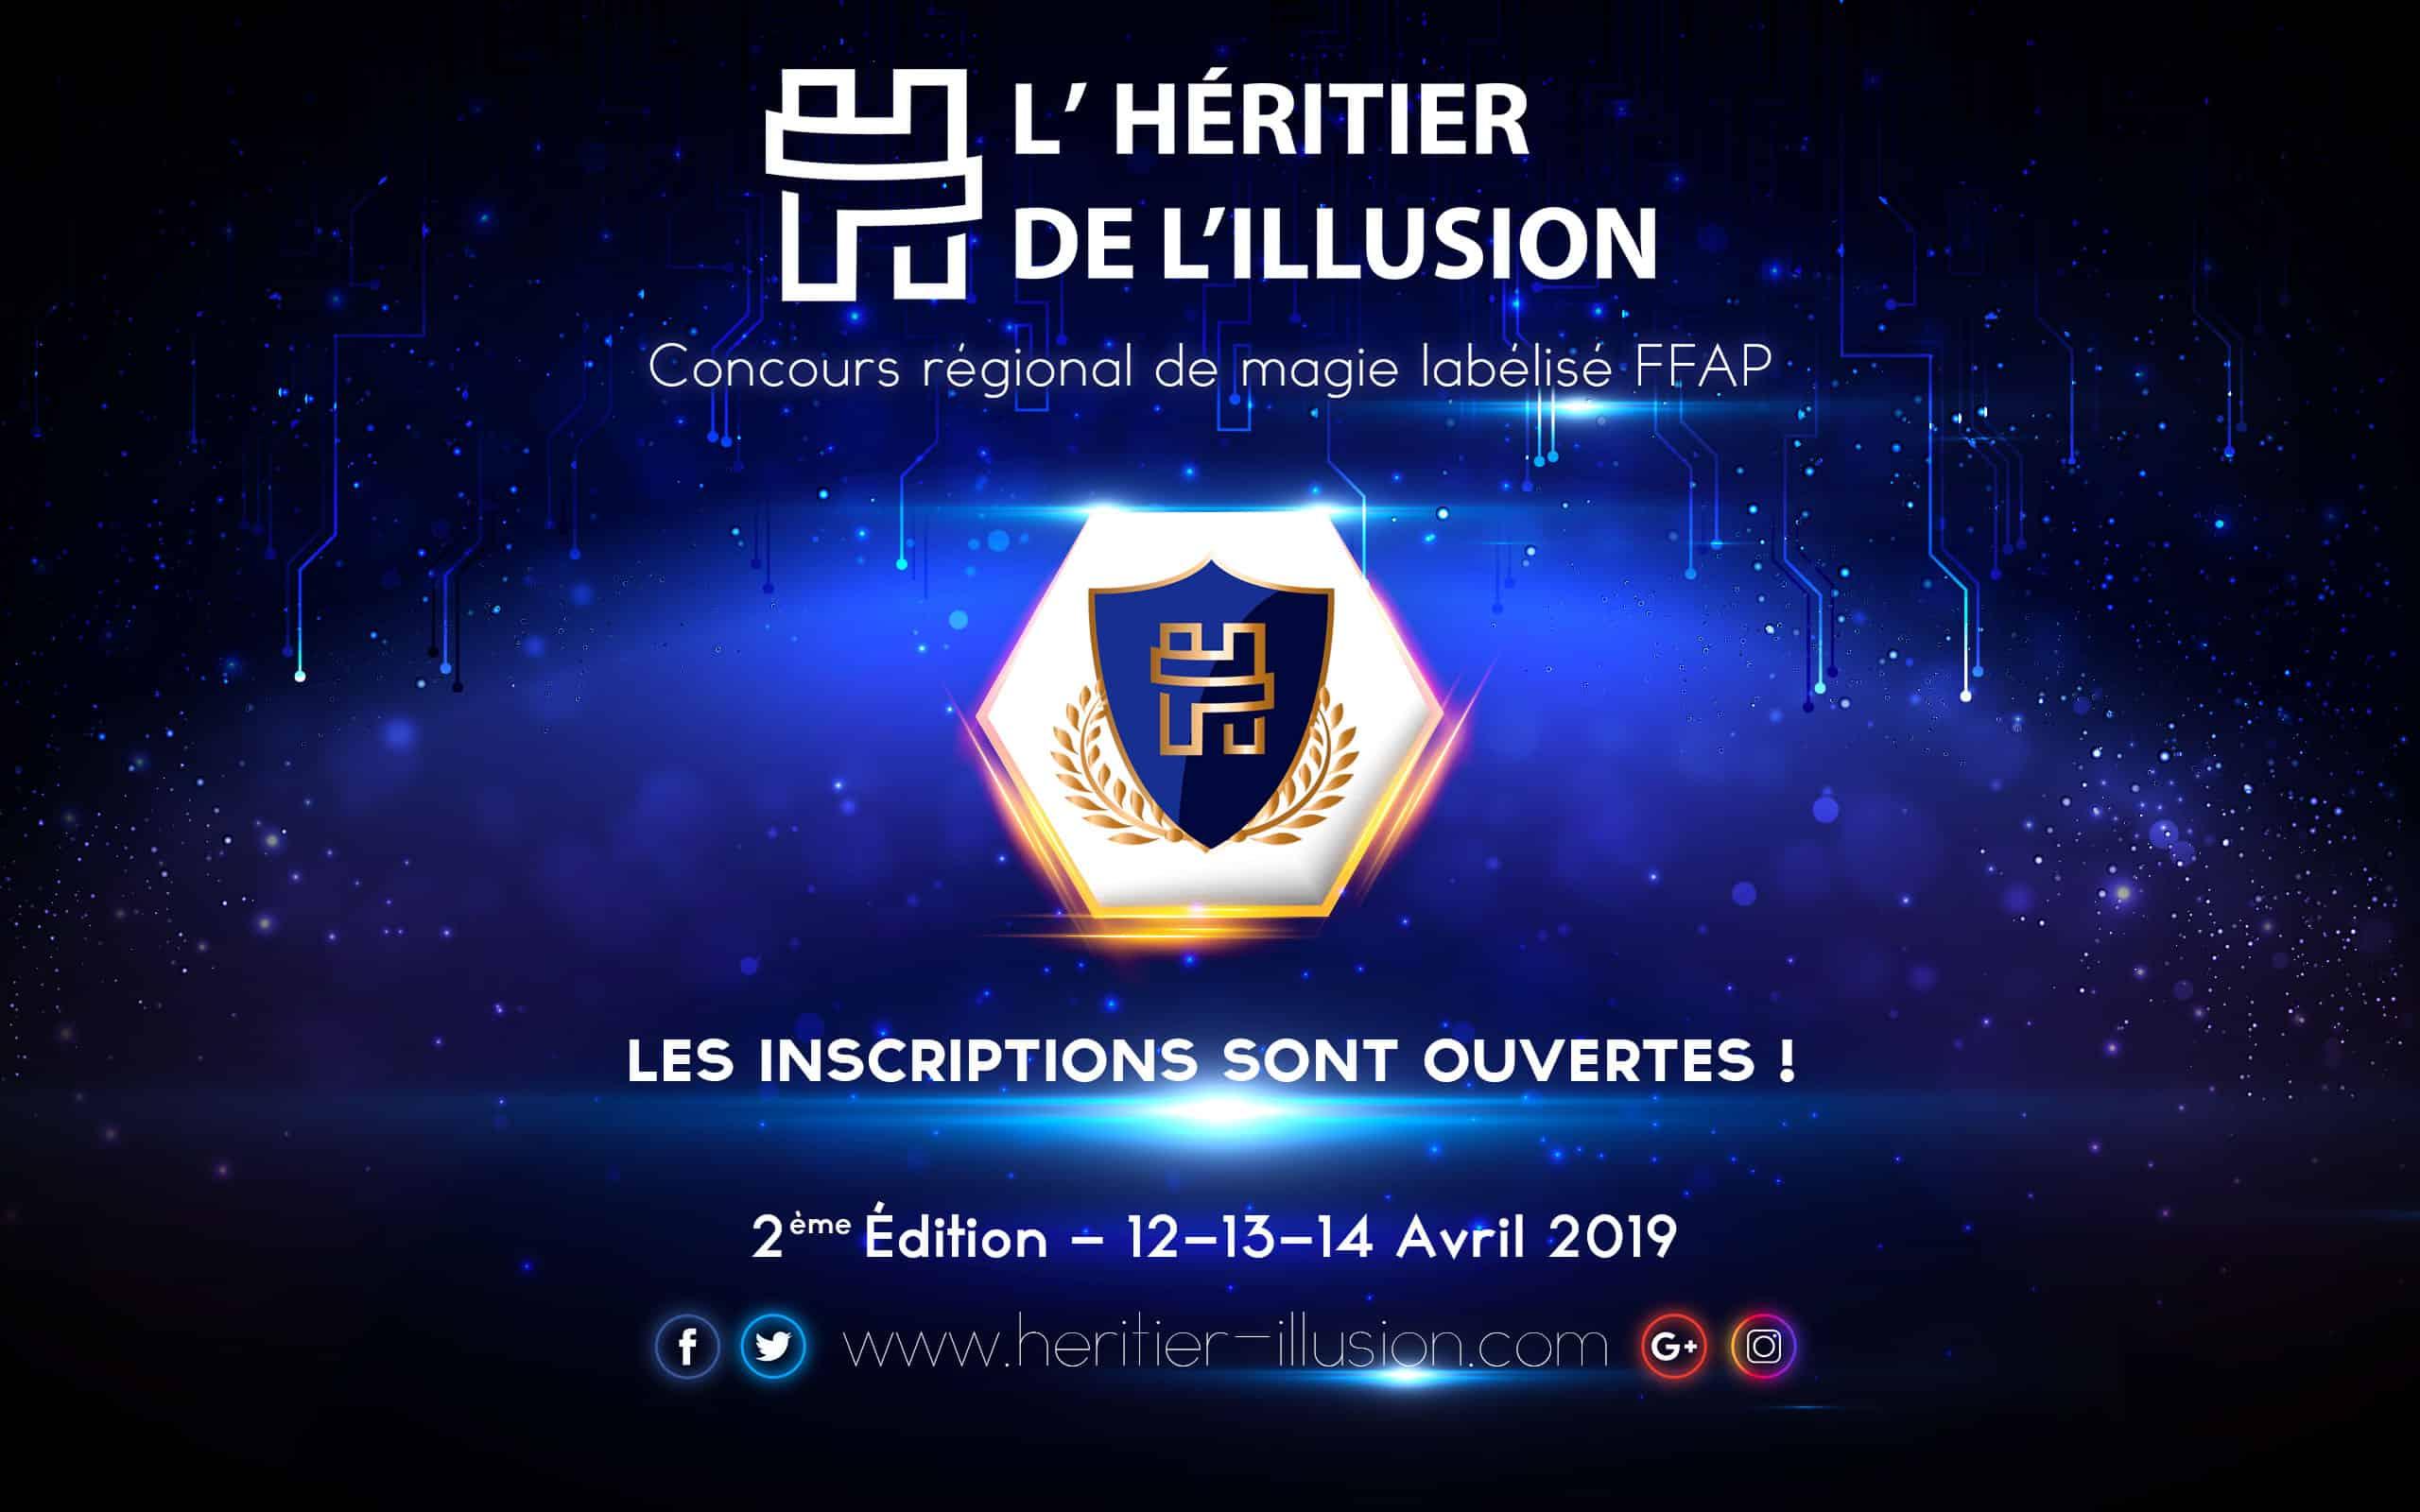 Inscriptions concours de magie Paris 2019 Ablis